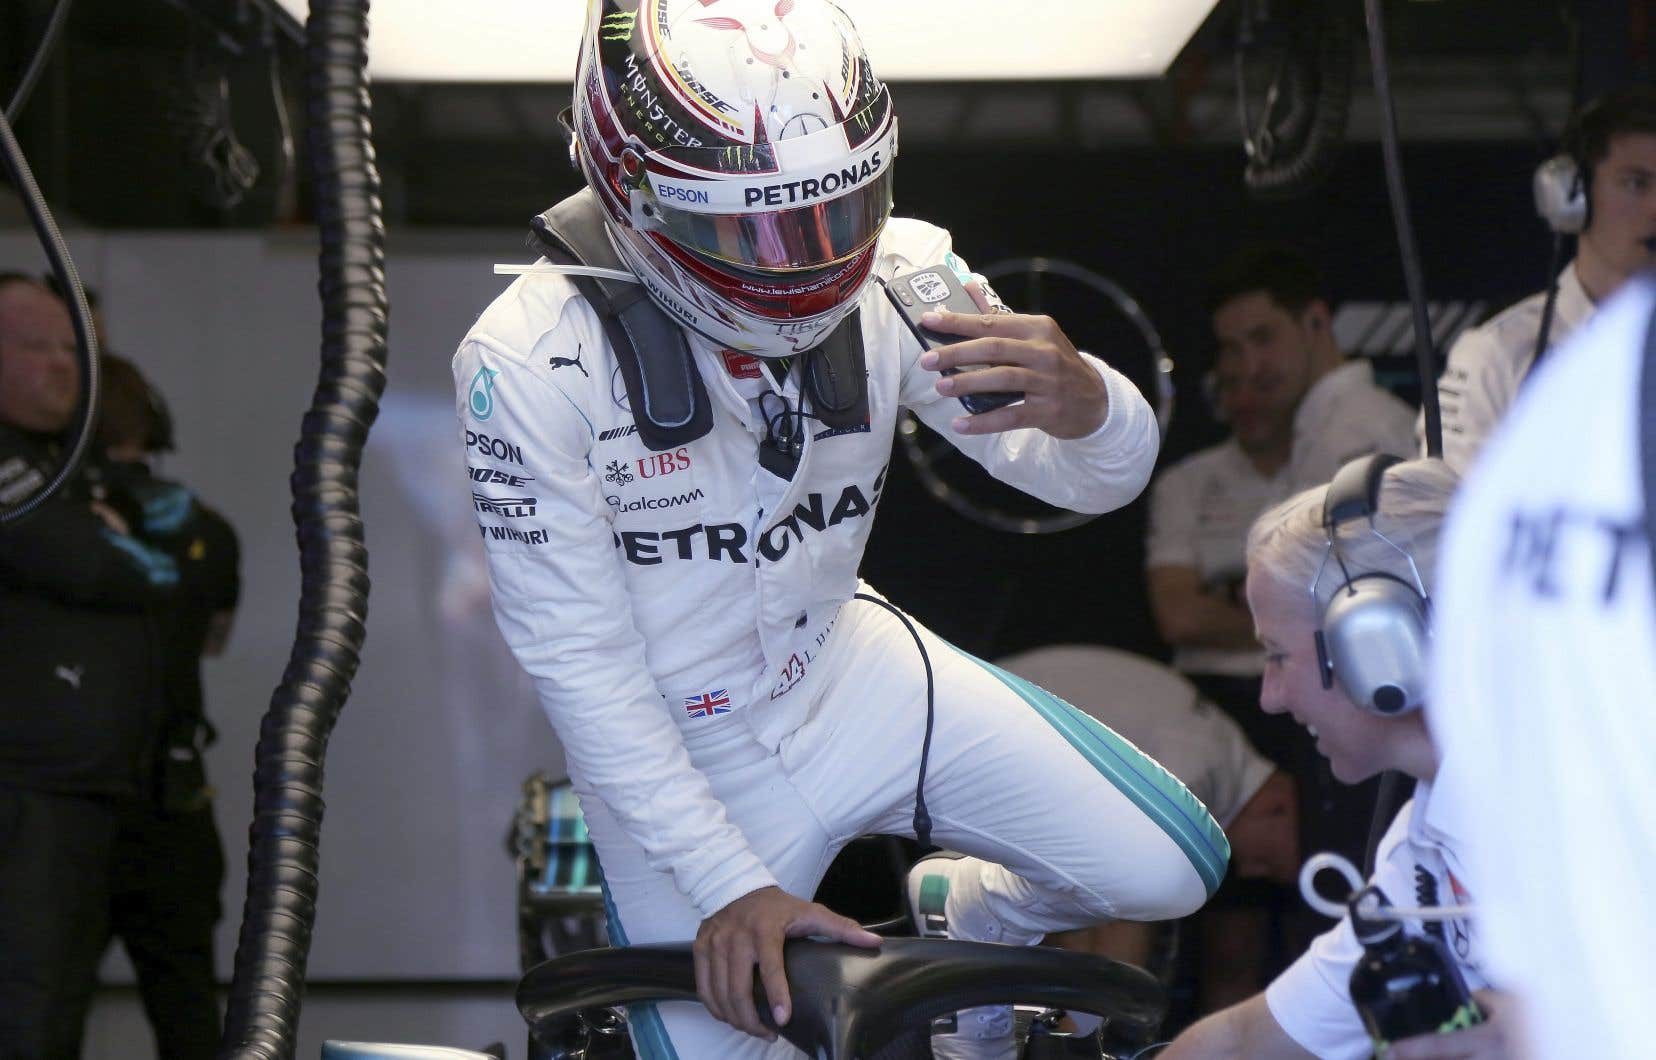 Le pilote britannique de chez Mercedes Lewis Hamilton s'extrait de sa voiture à la suite de la deuxième séance d'essais du Grand Prix d'Australie, qui marque la première course de la saison.